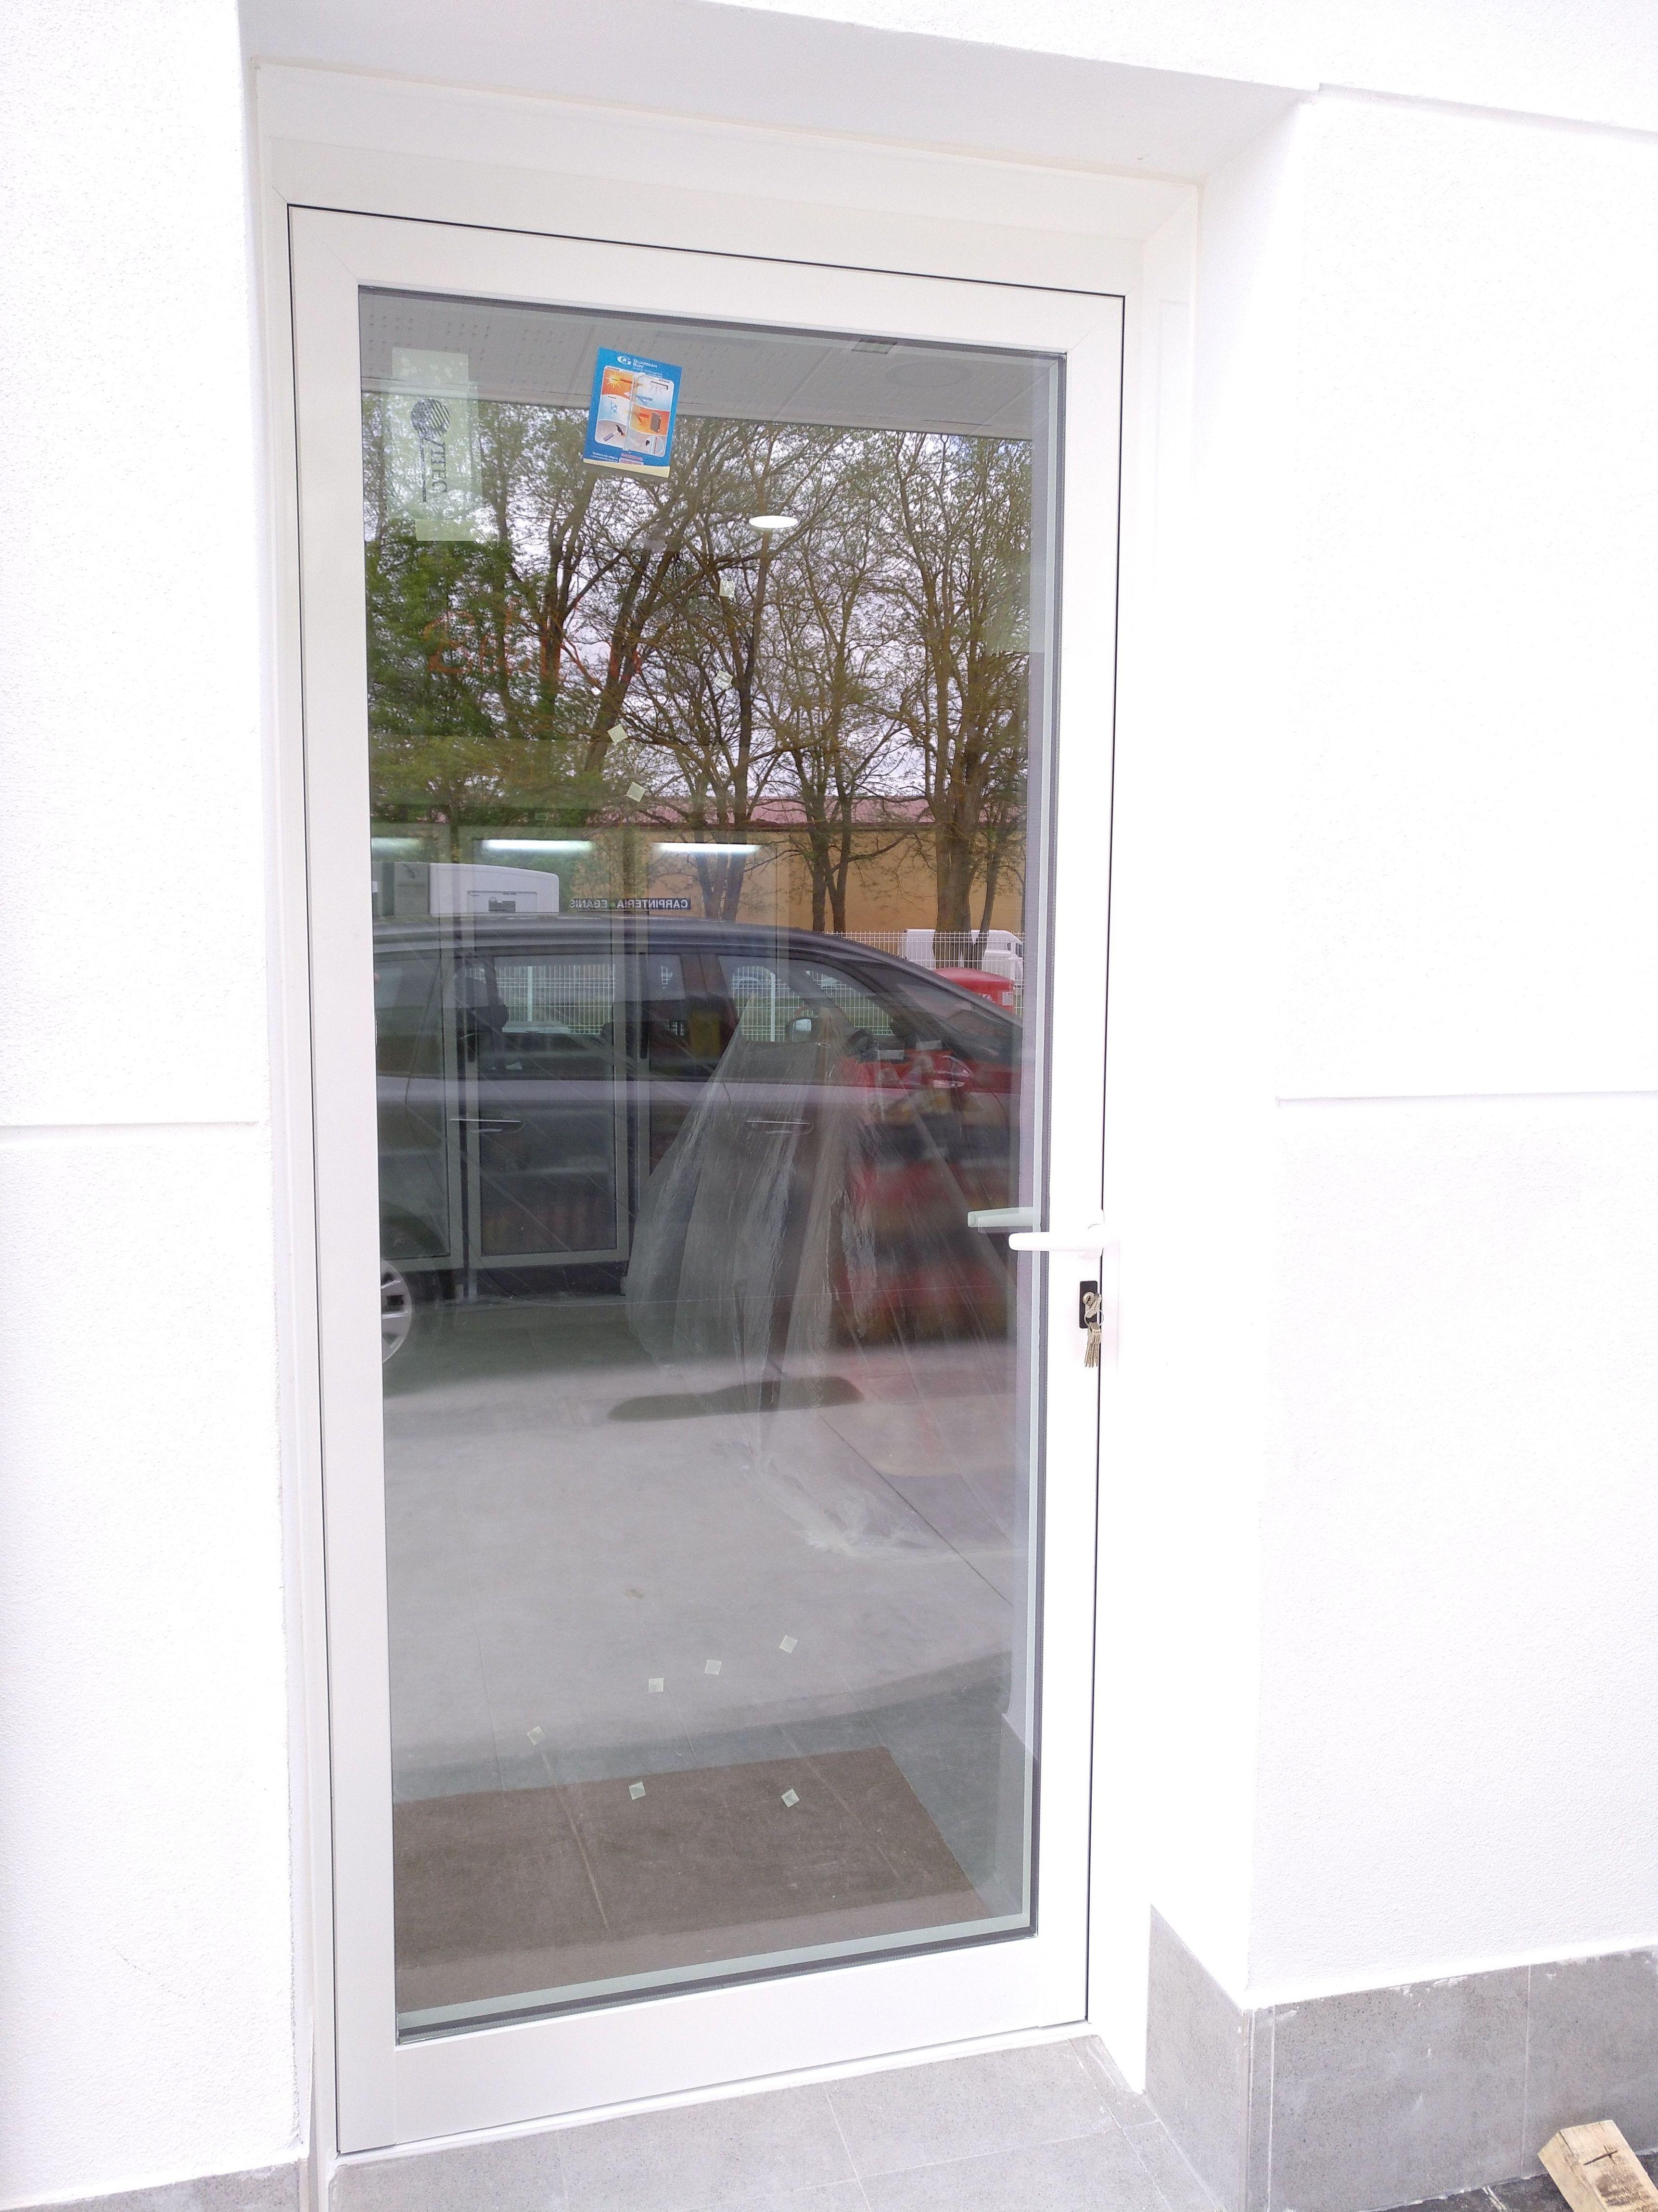 Foto 6 de Carpintería de aluminio, metálica y PVC en Vitoria-Gasteiz | Zurgal Aluminios, S.L.